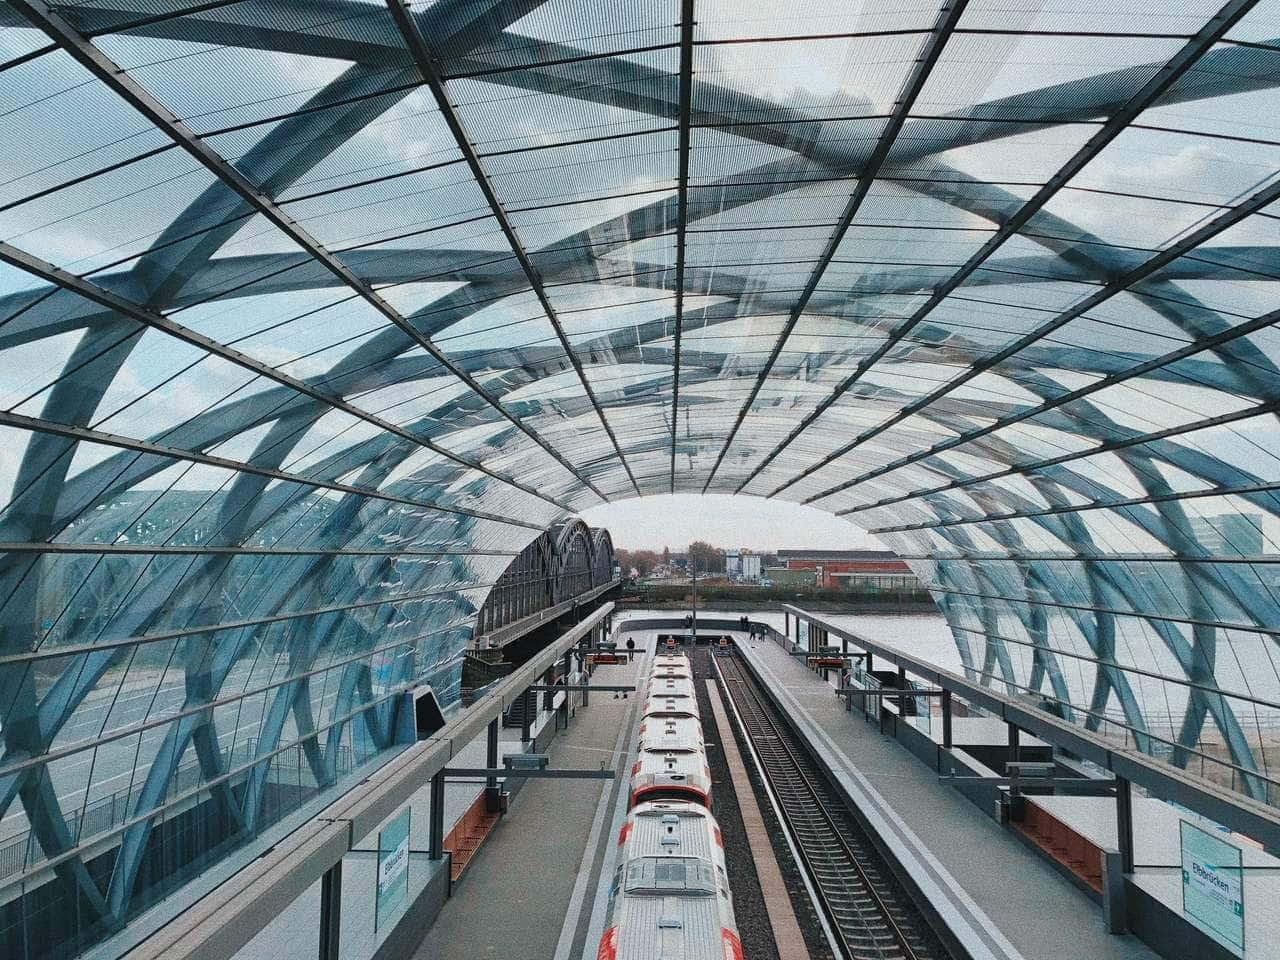 ingeniería civil en infraestructura de transportes